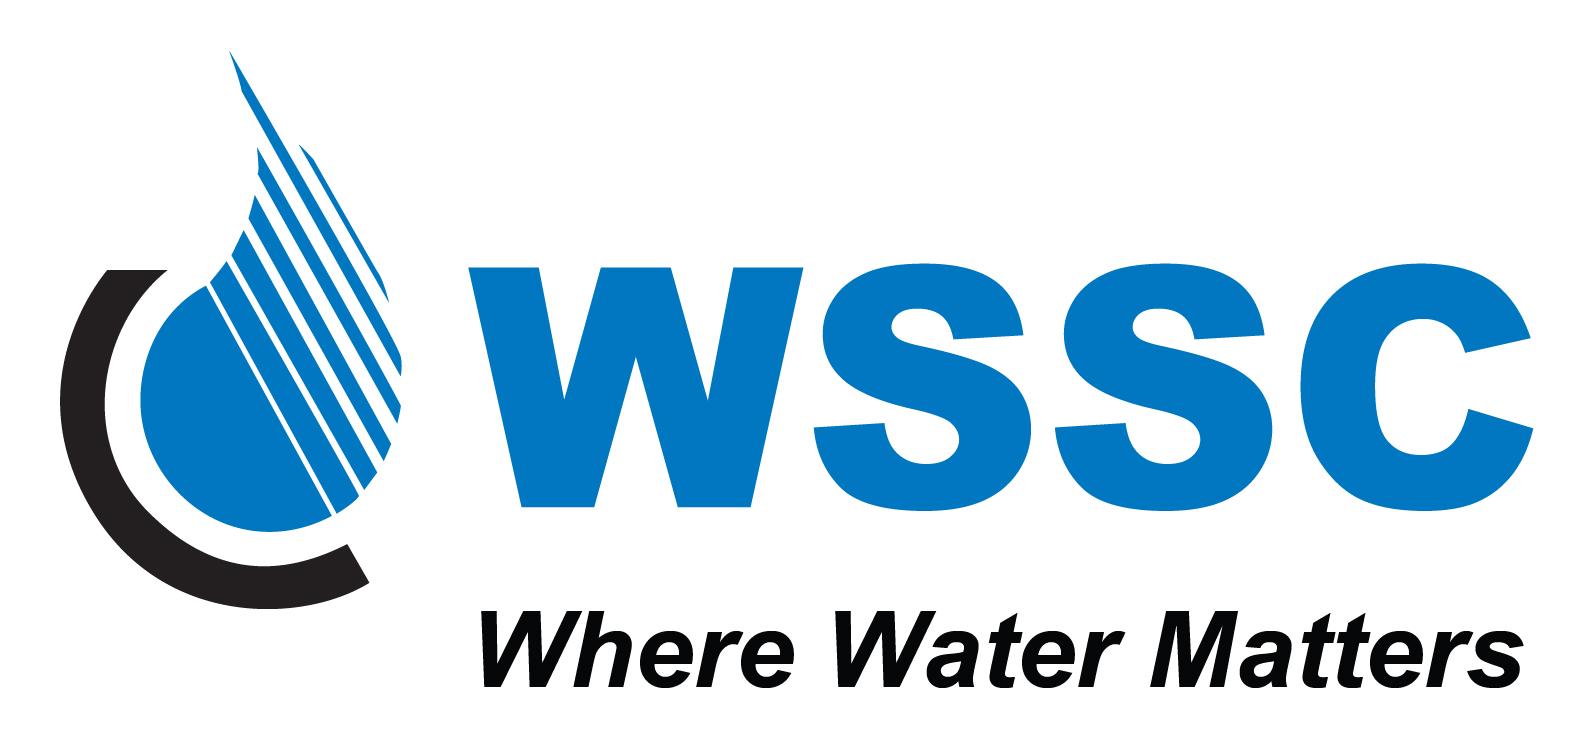 wssclogo1-1